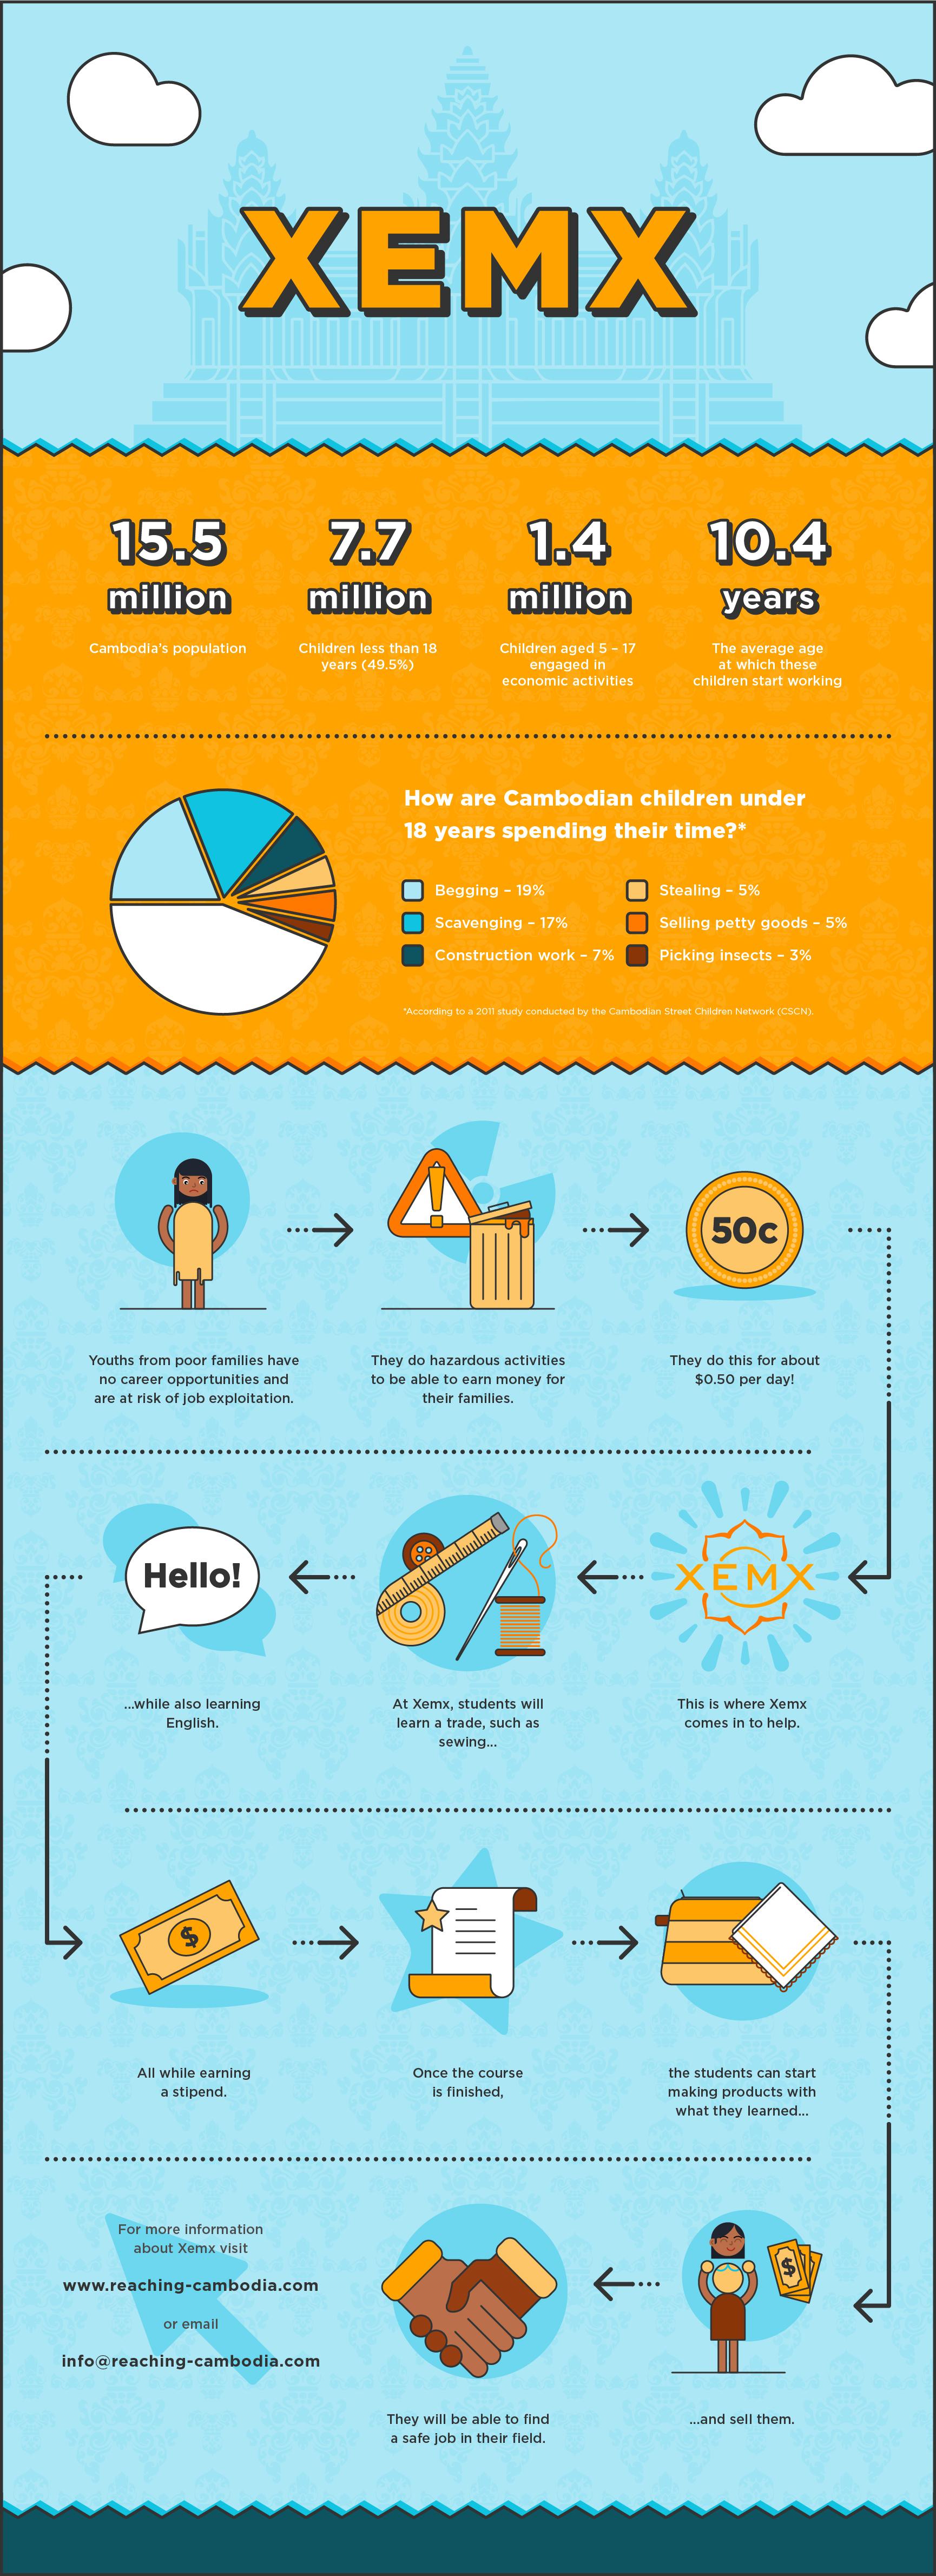 Xemx Infographic